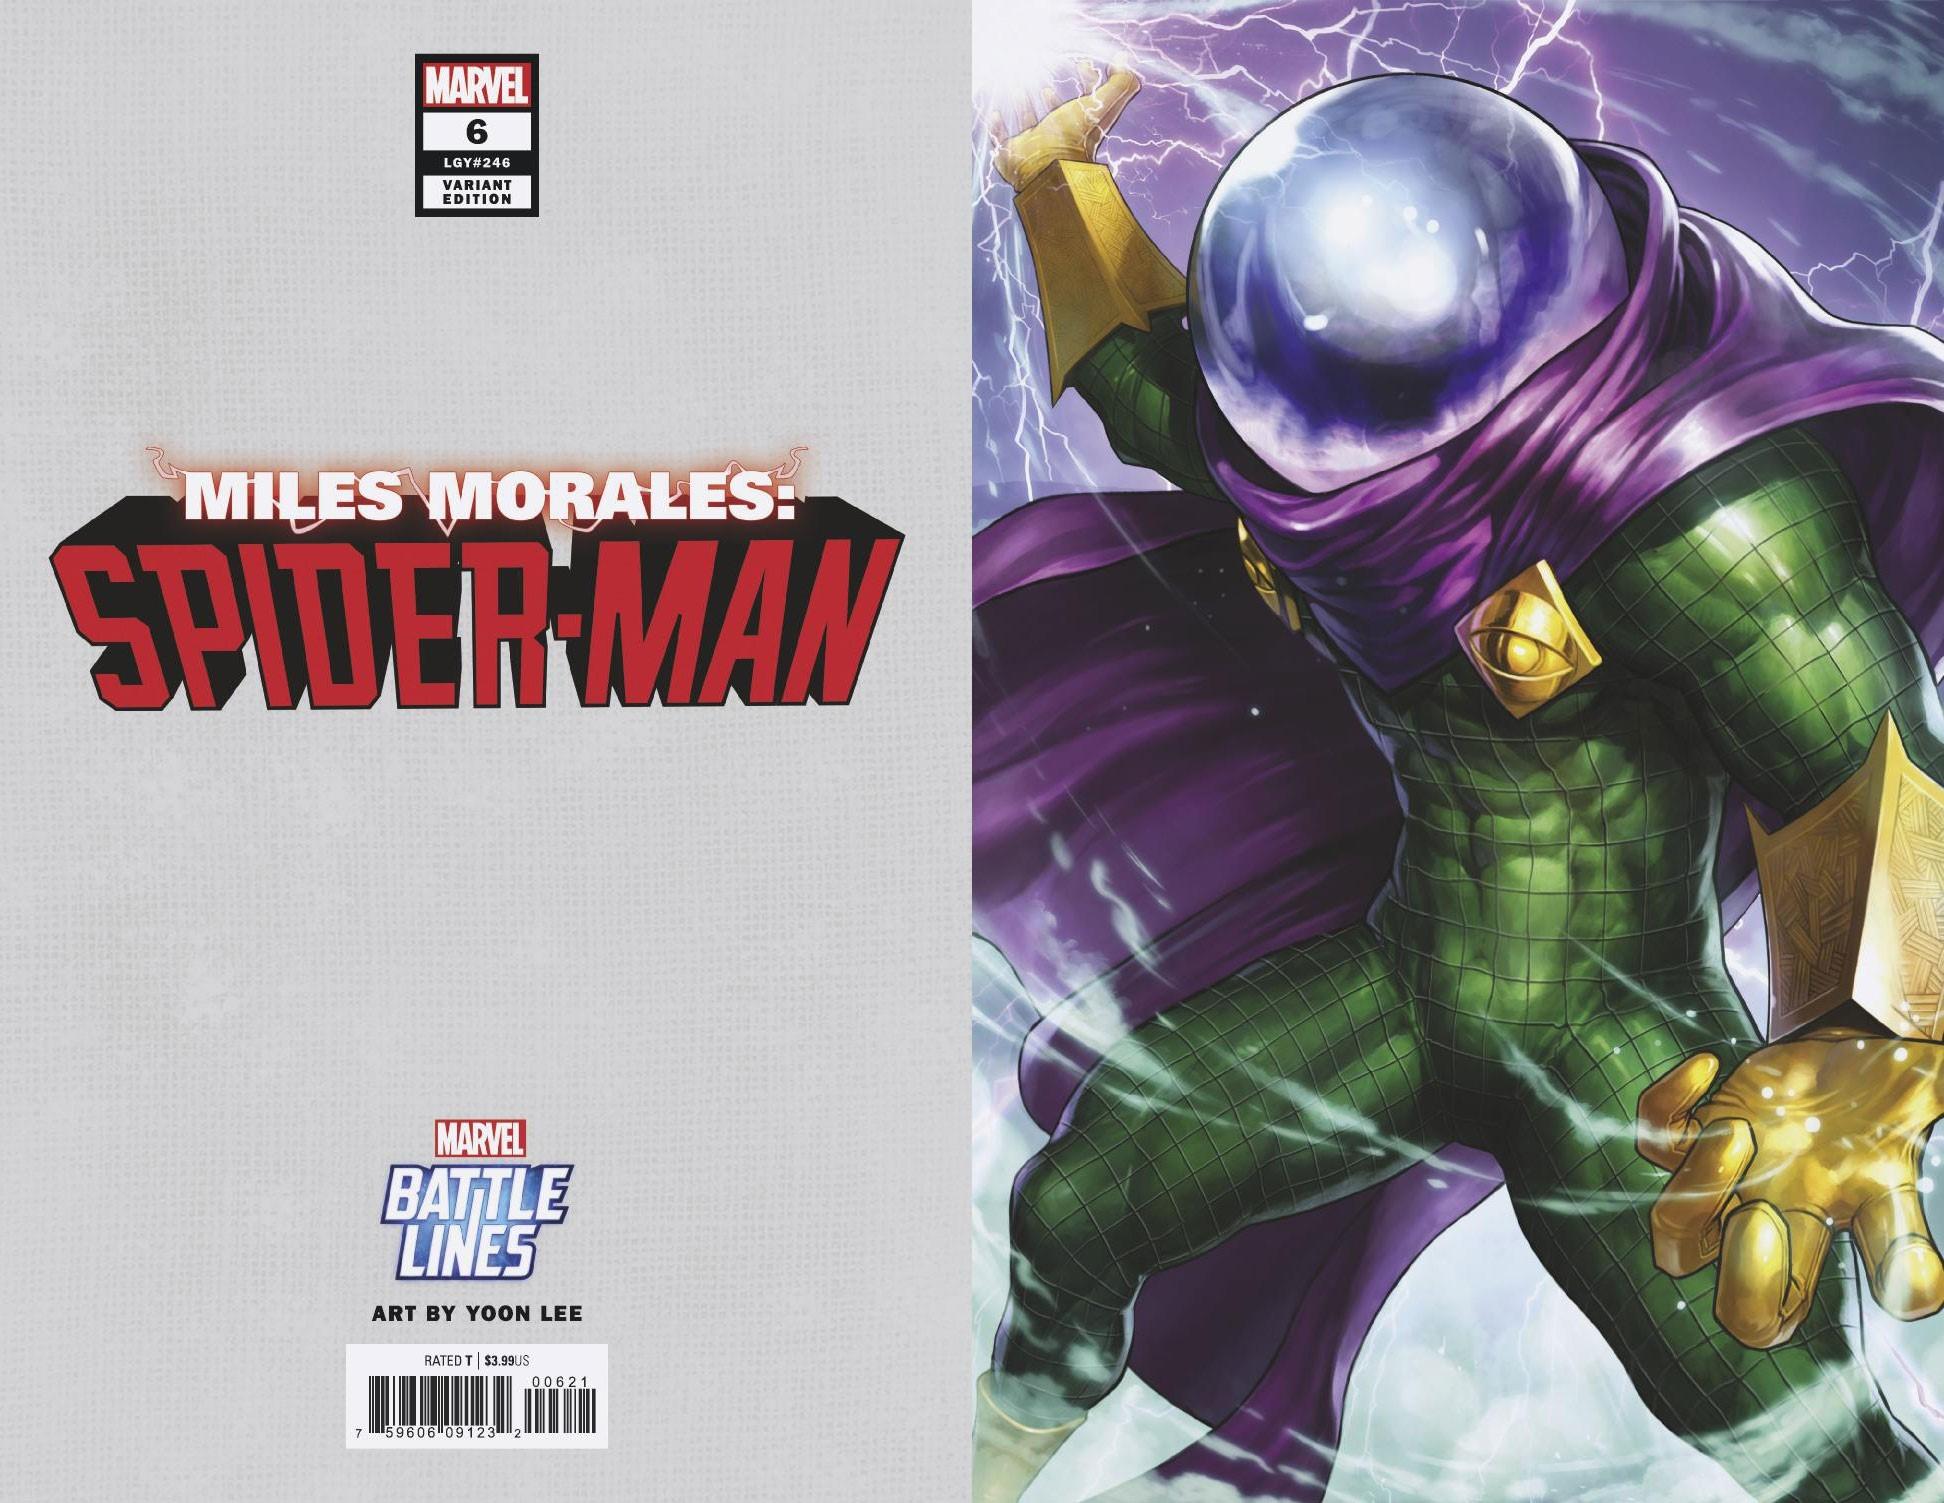 MAR190878 - MILES MORALES SPIDER-MAN #6 YOON LEE MARVEL